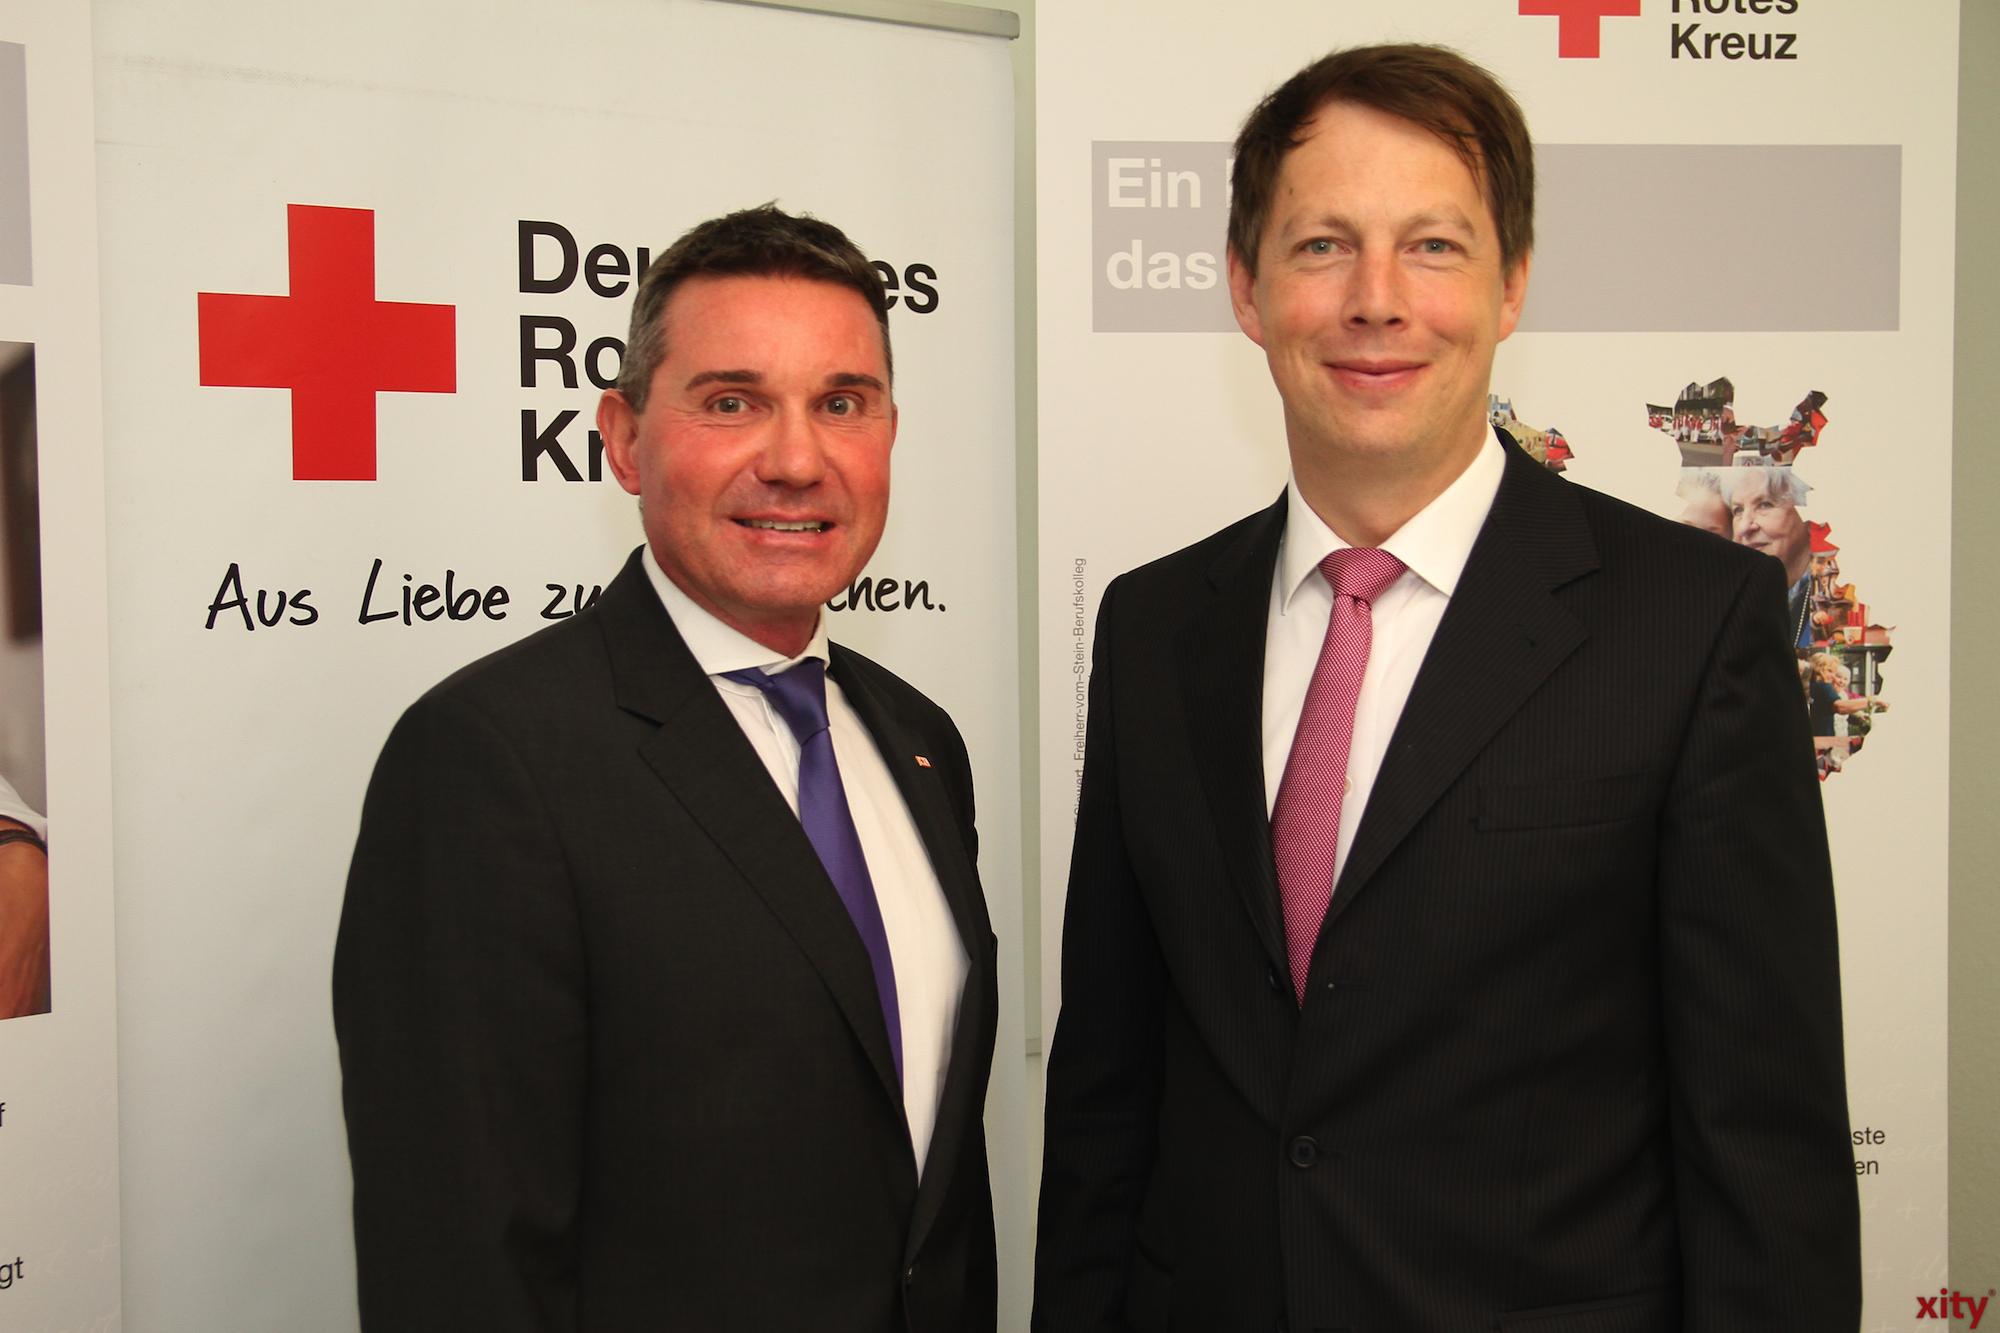 Stefan Fischer, Vorstand des DRK-Düsseldorf, und Christian Engler, Geschäftsführer der Sana Kliniken (Foto: xity)